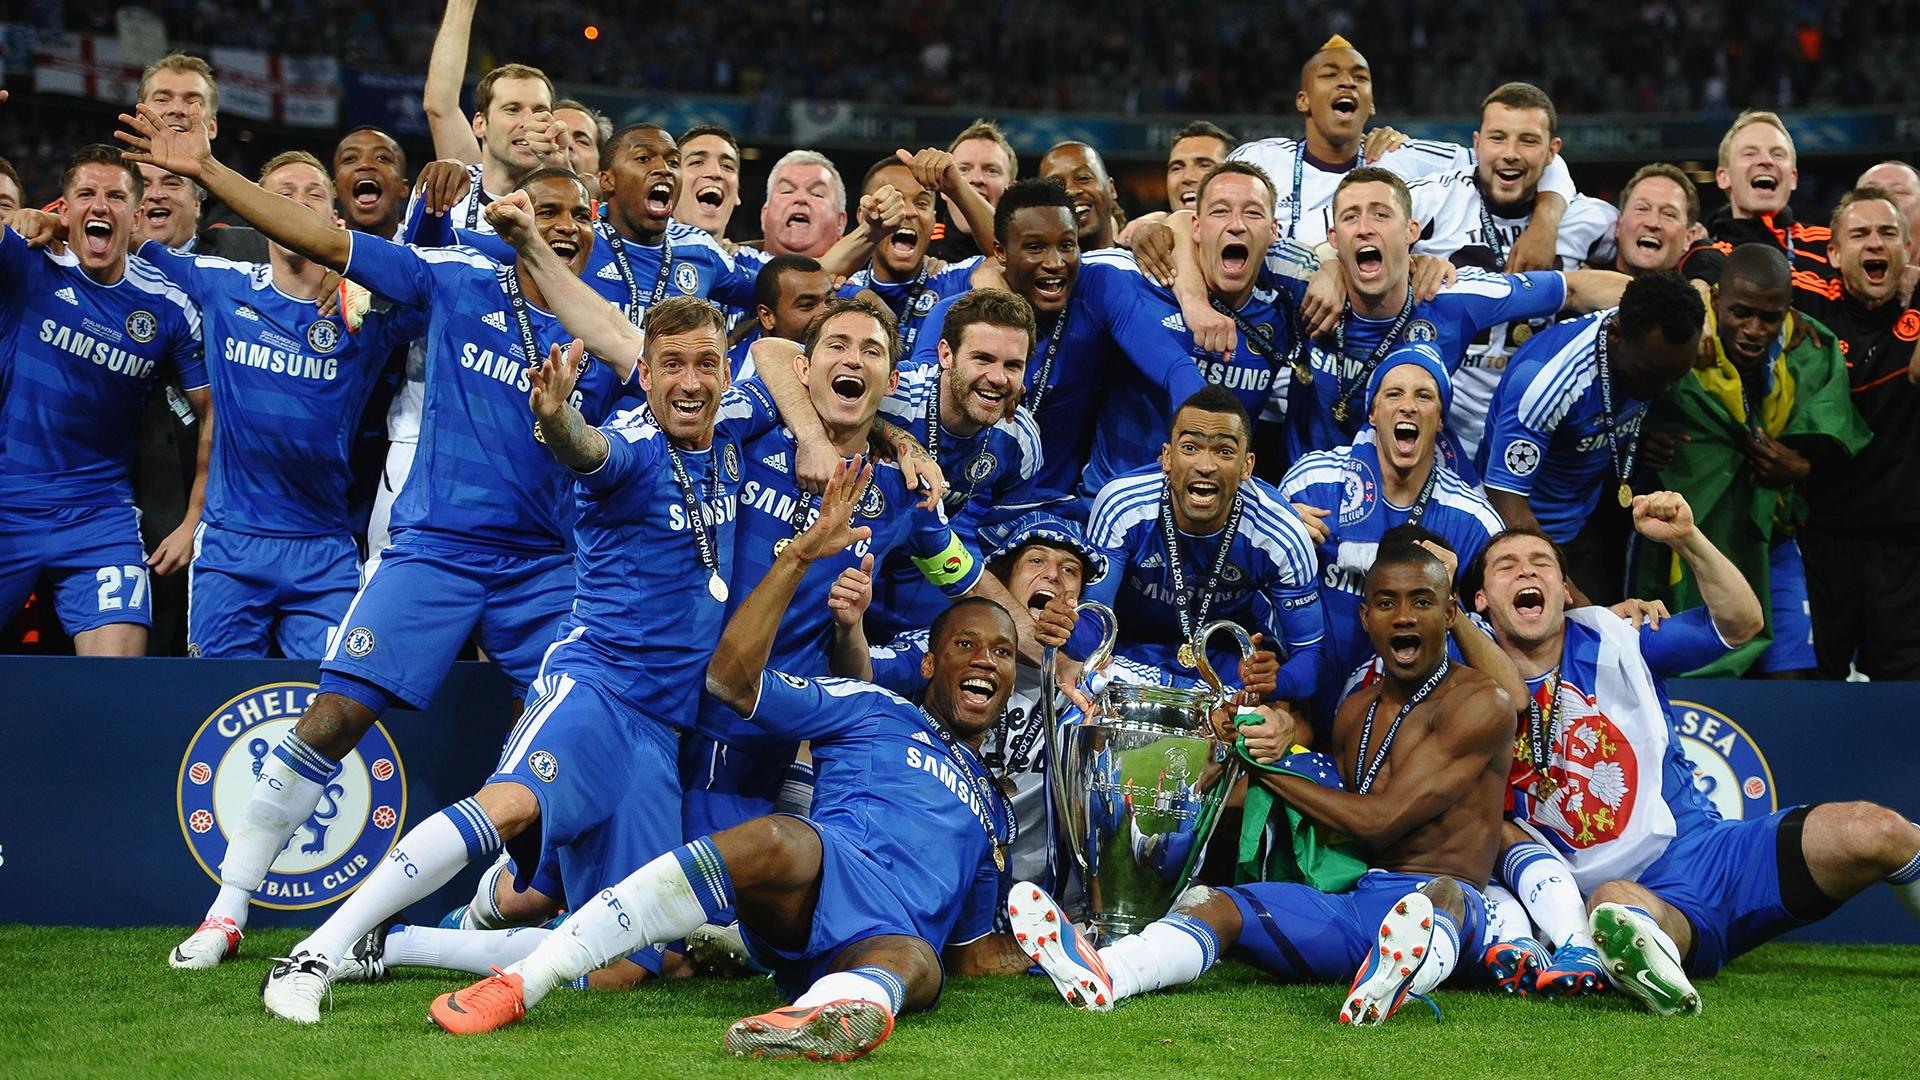 تشيلسي بطل دوري أبطال أوروبا